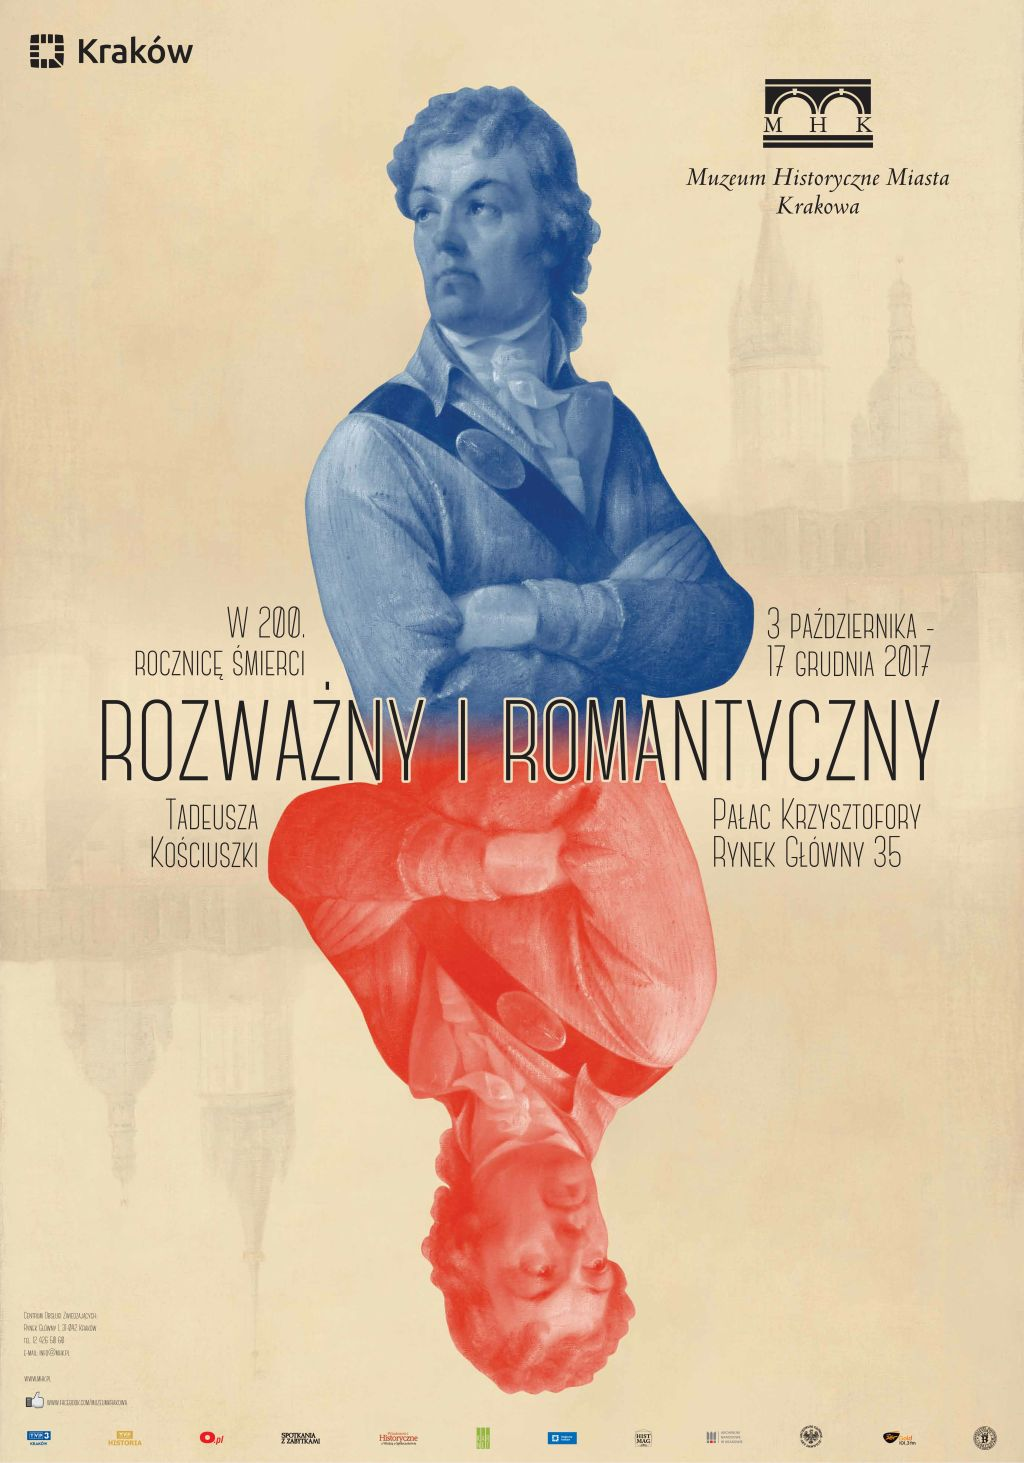 """""""Rozważny i romantyczny. W 200. rocznicę śmierci Tadeusza Kościuszki"""" (źródło: materiały prasowe organizatora)"""